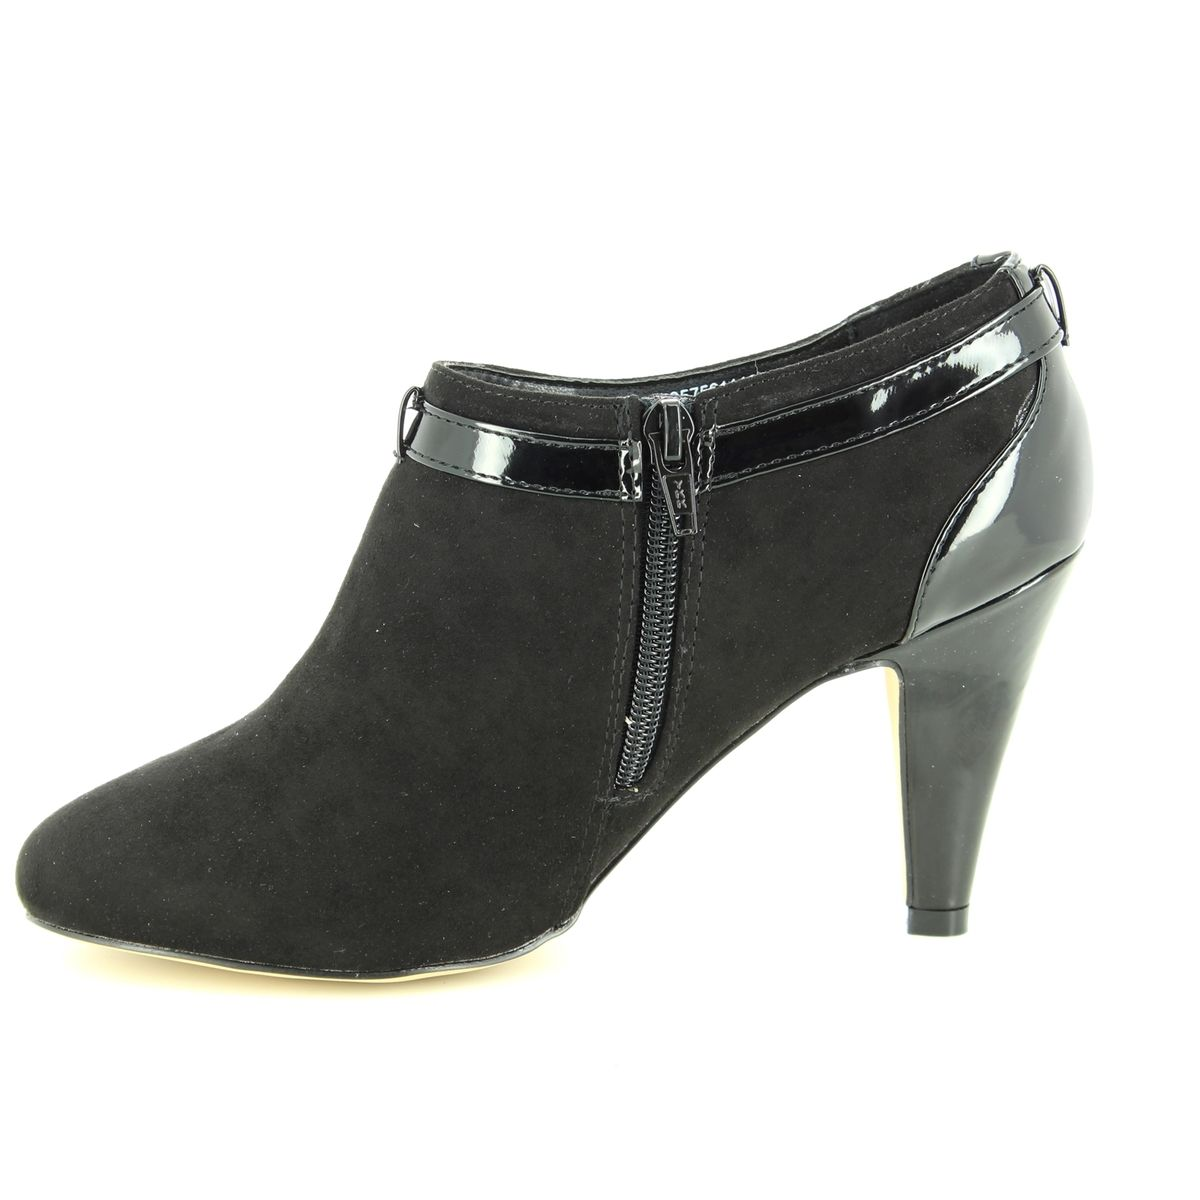 8d23ce0d0ab0 Lotus Shoe-boots - Black - ULS031/30 NOLA